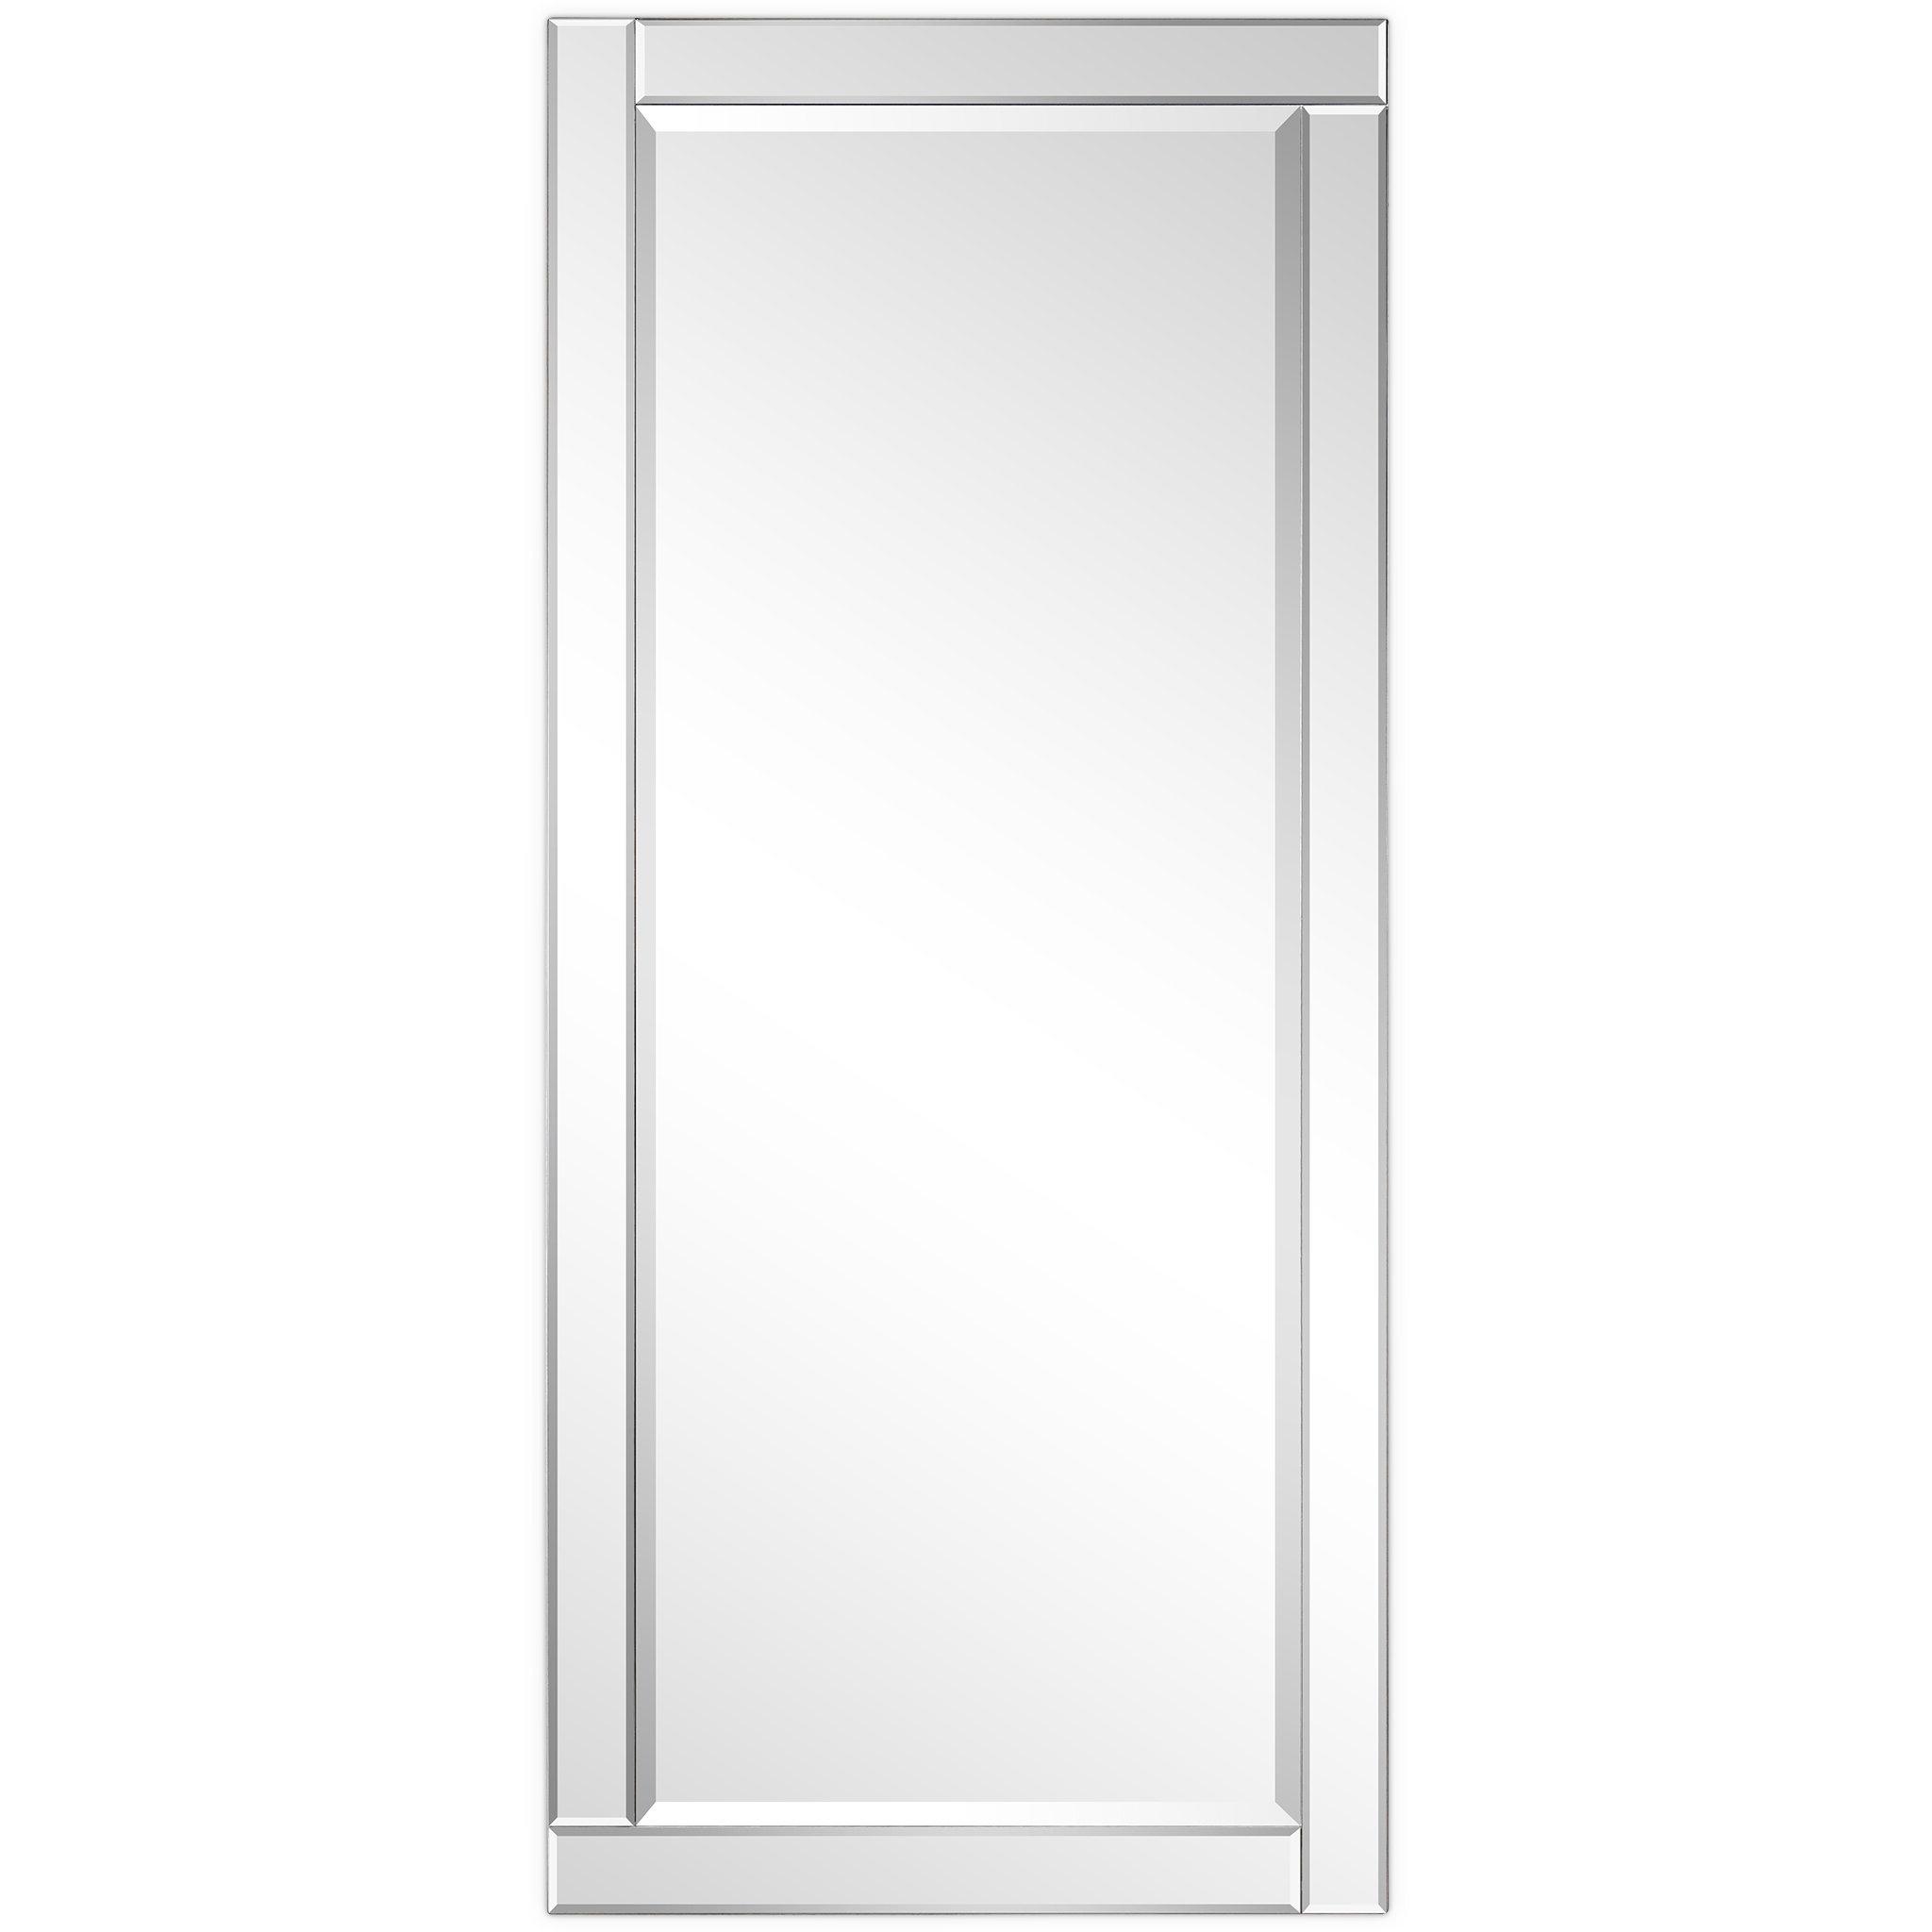 Trendy Reis Modern Rectangle Beveled Wall Mirror Regarding Modern Rectangle Wall Mirrors (View 12 of 20)